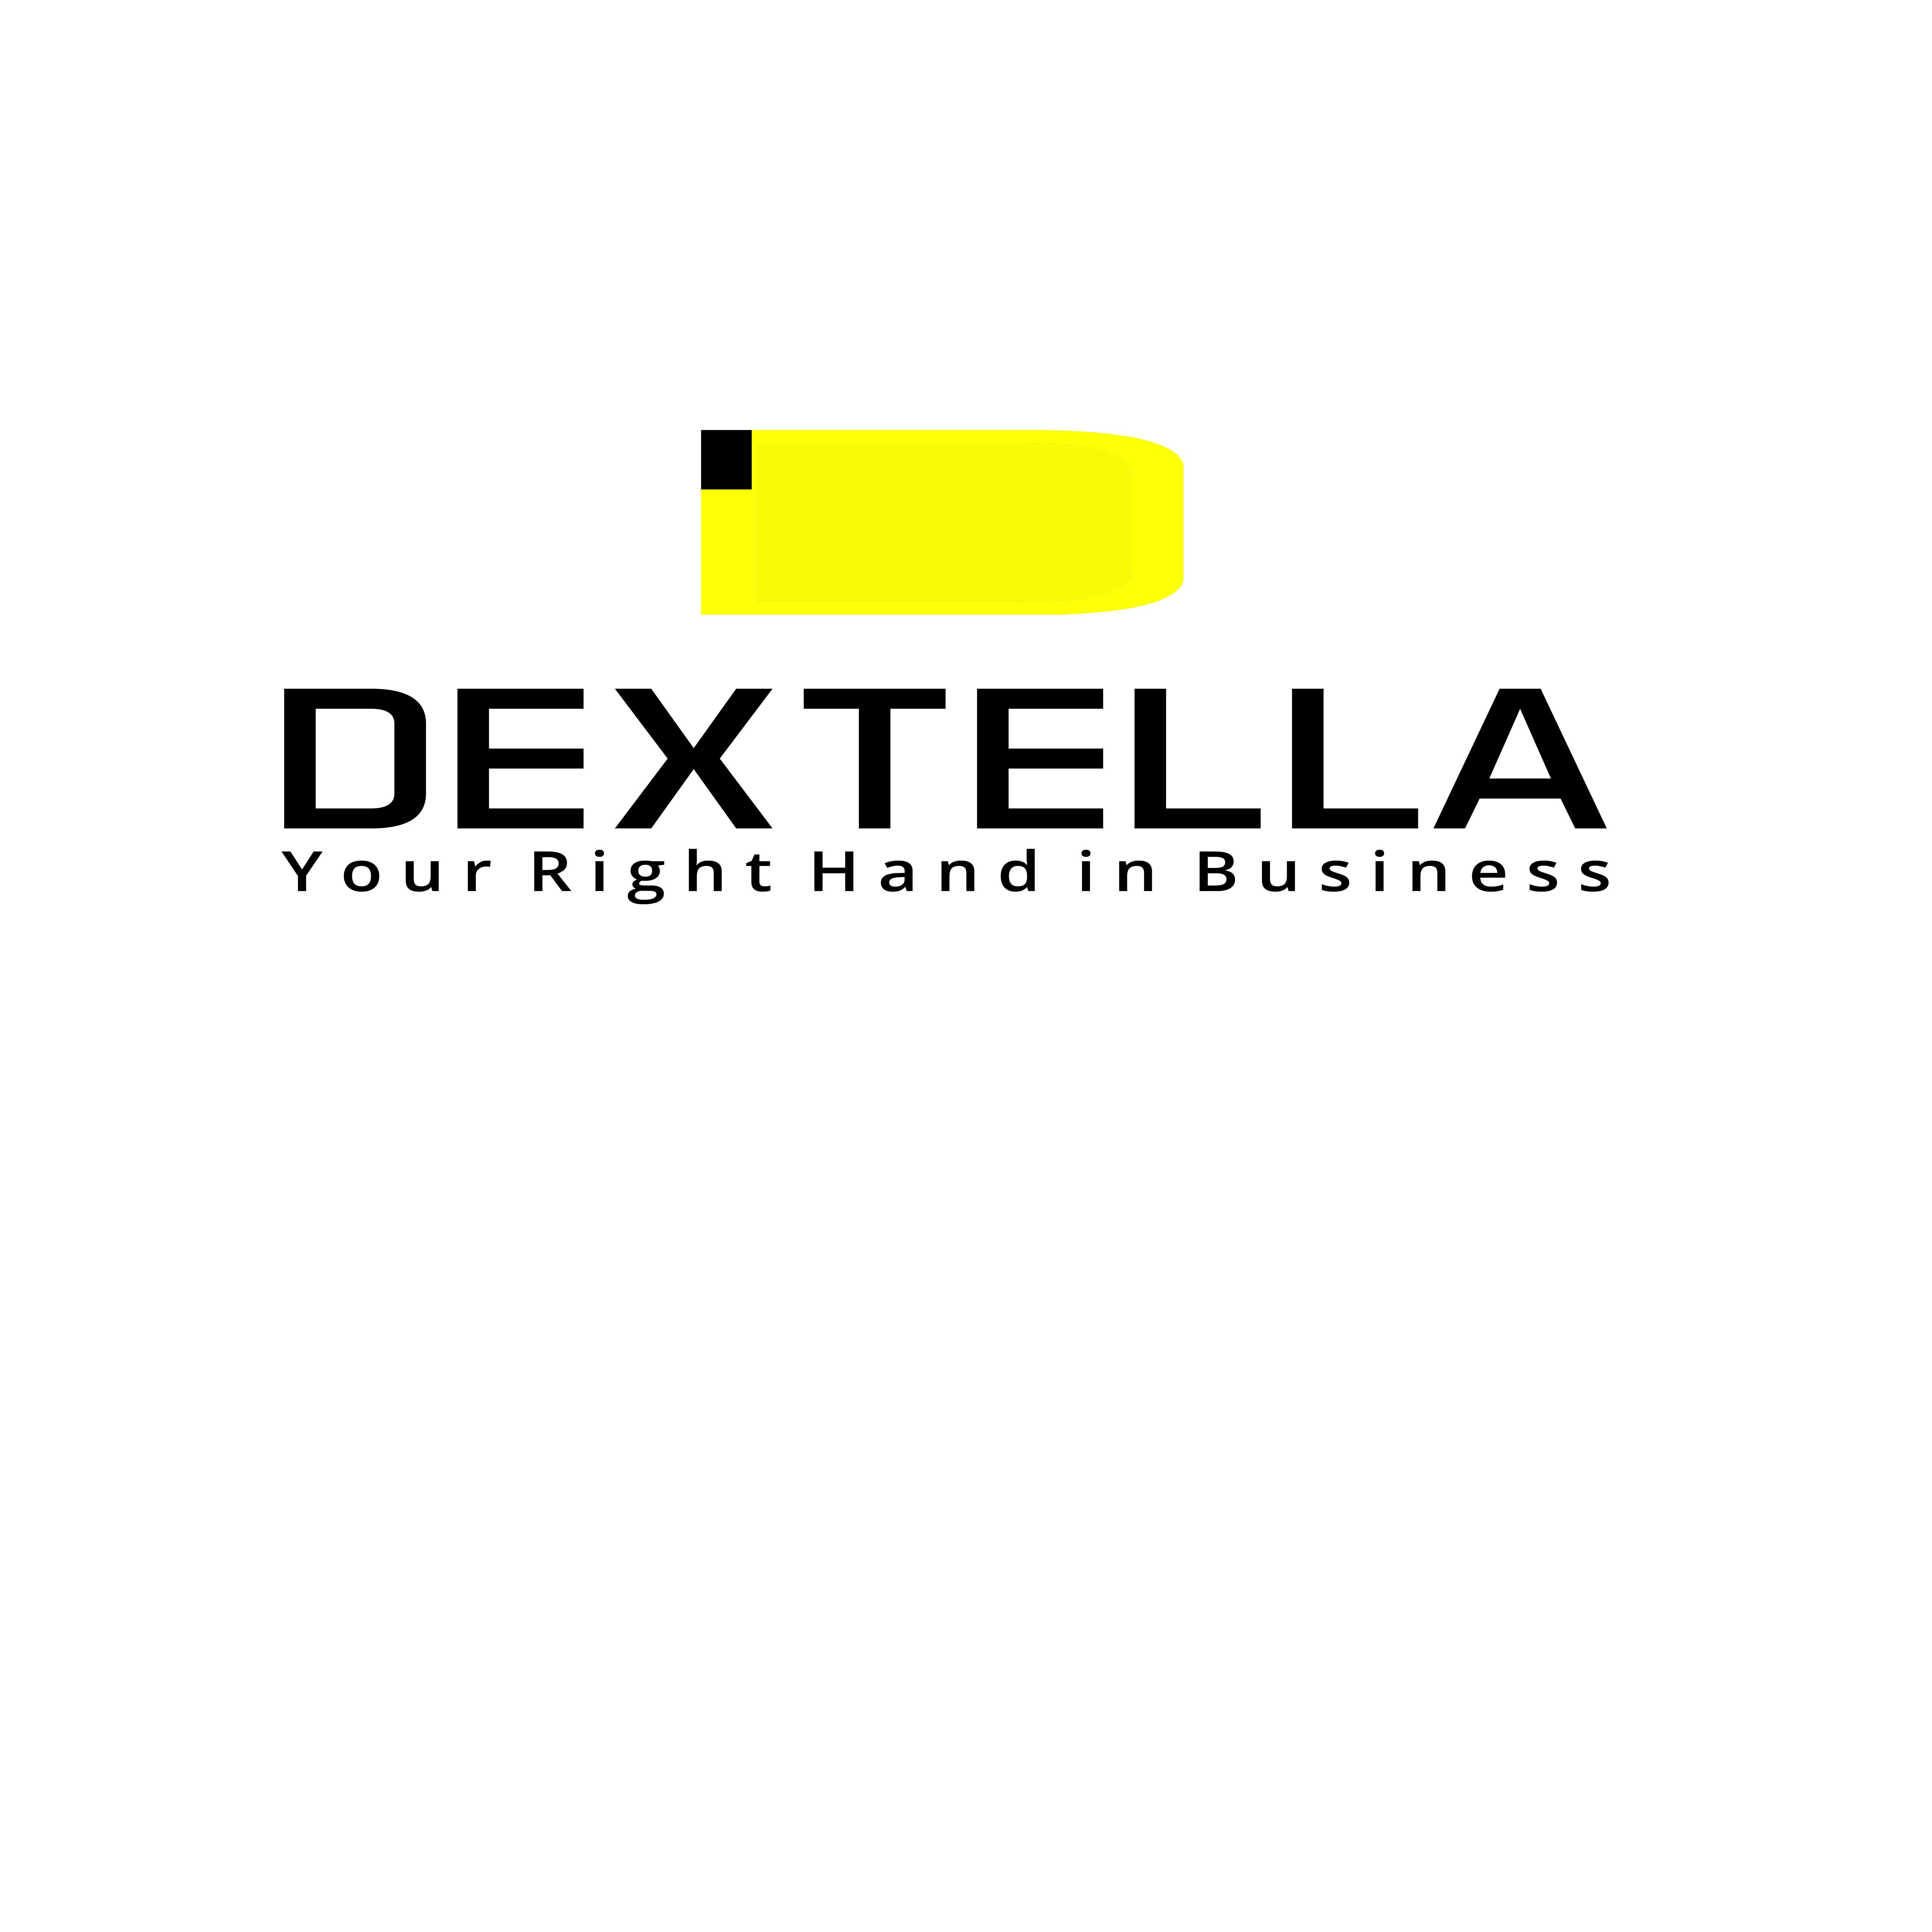 Logo Design by Allan Esclamado - Entry No. 26 in the Logo Design Contest Unique Logo Design Wanted for Dextella s.r.o..